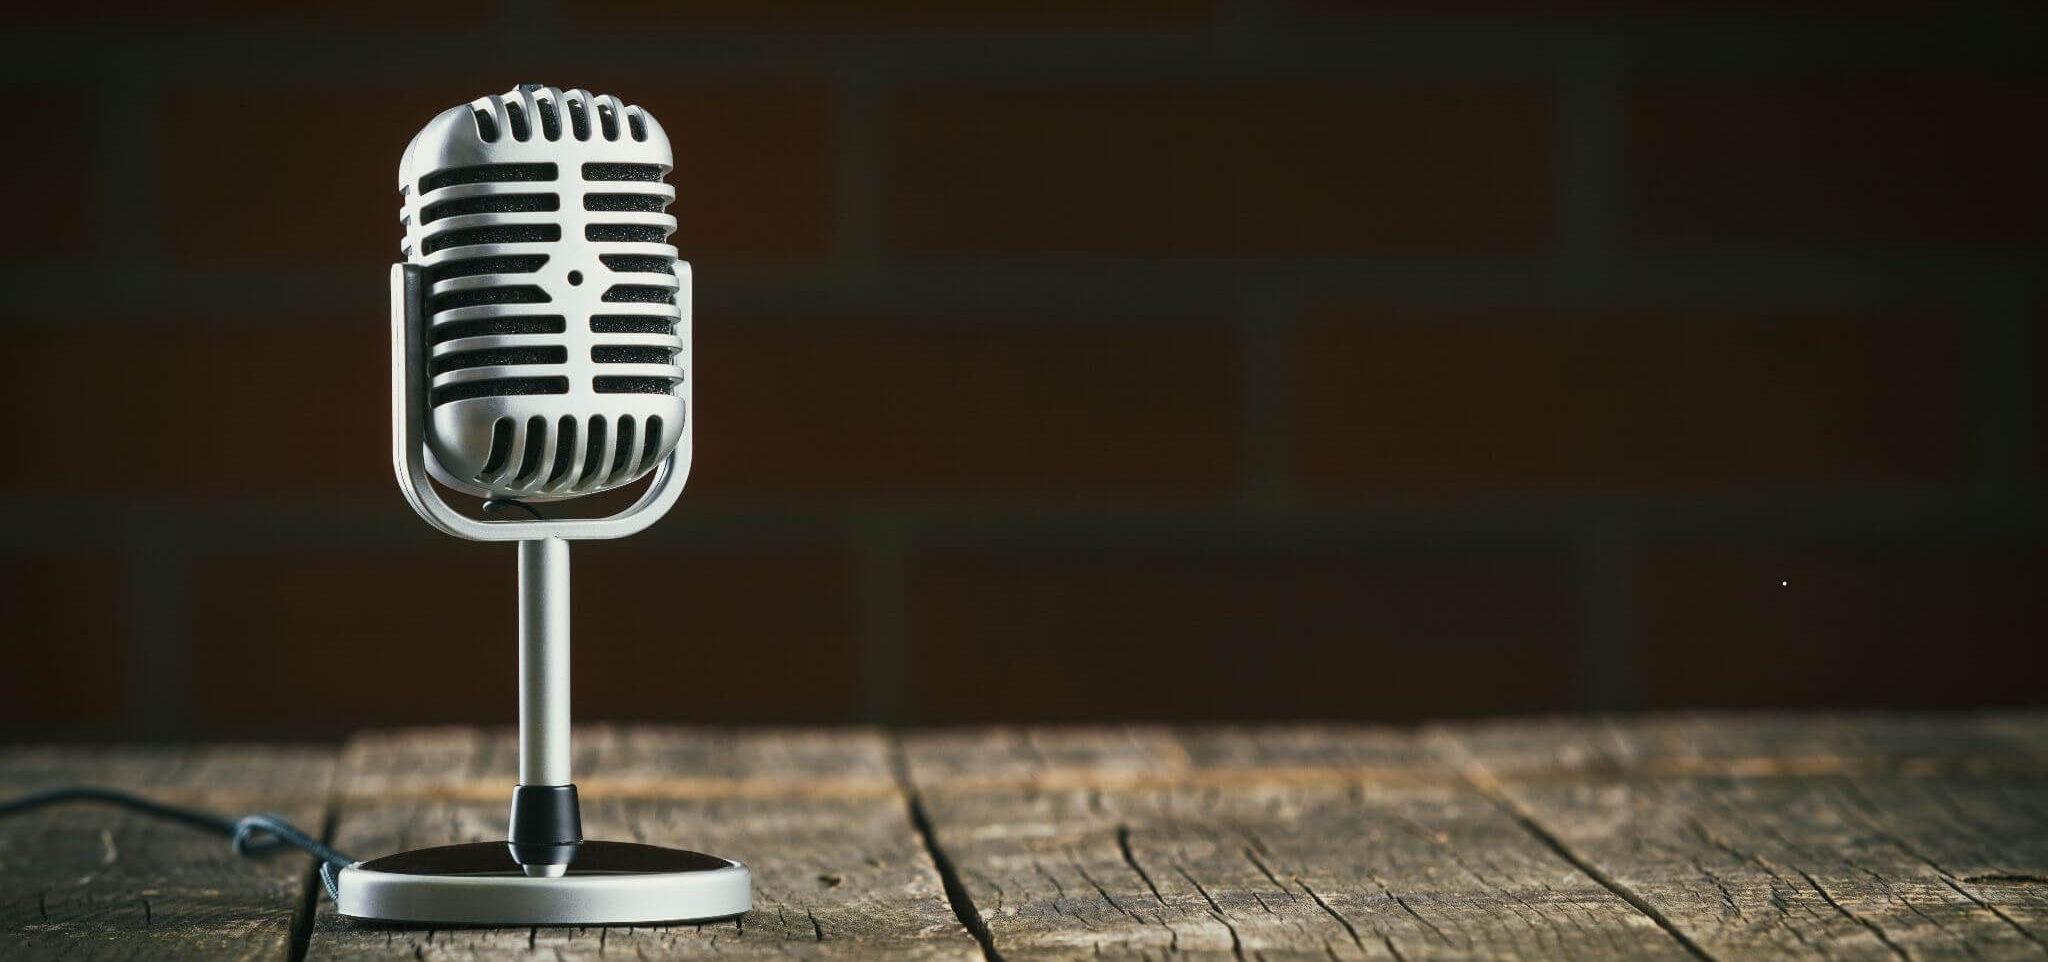 ideas de emprendimiento para un podcast